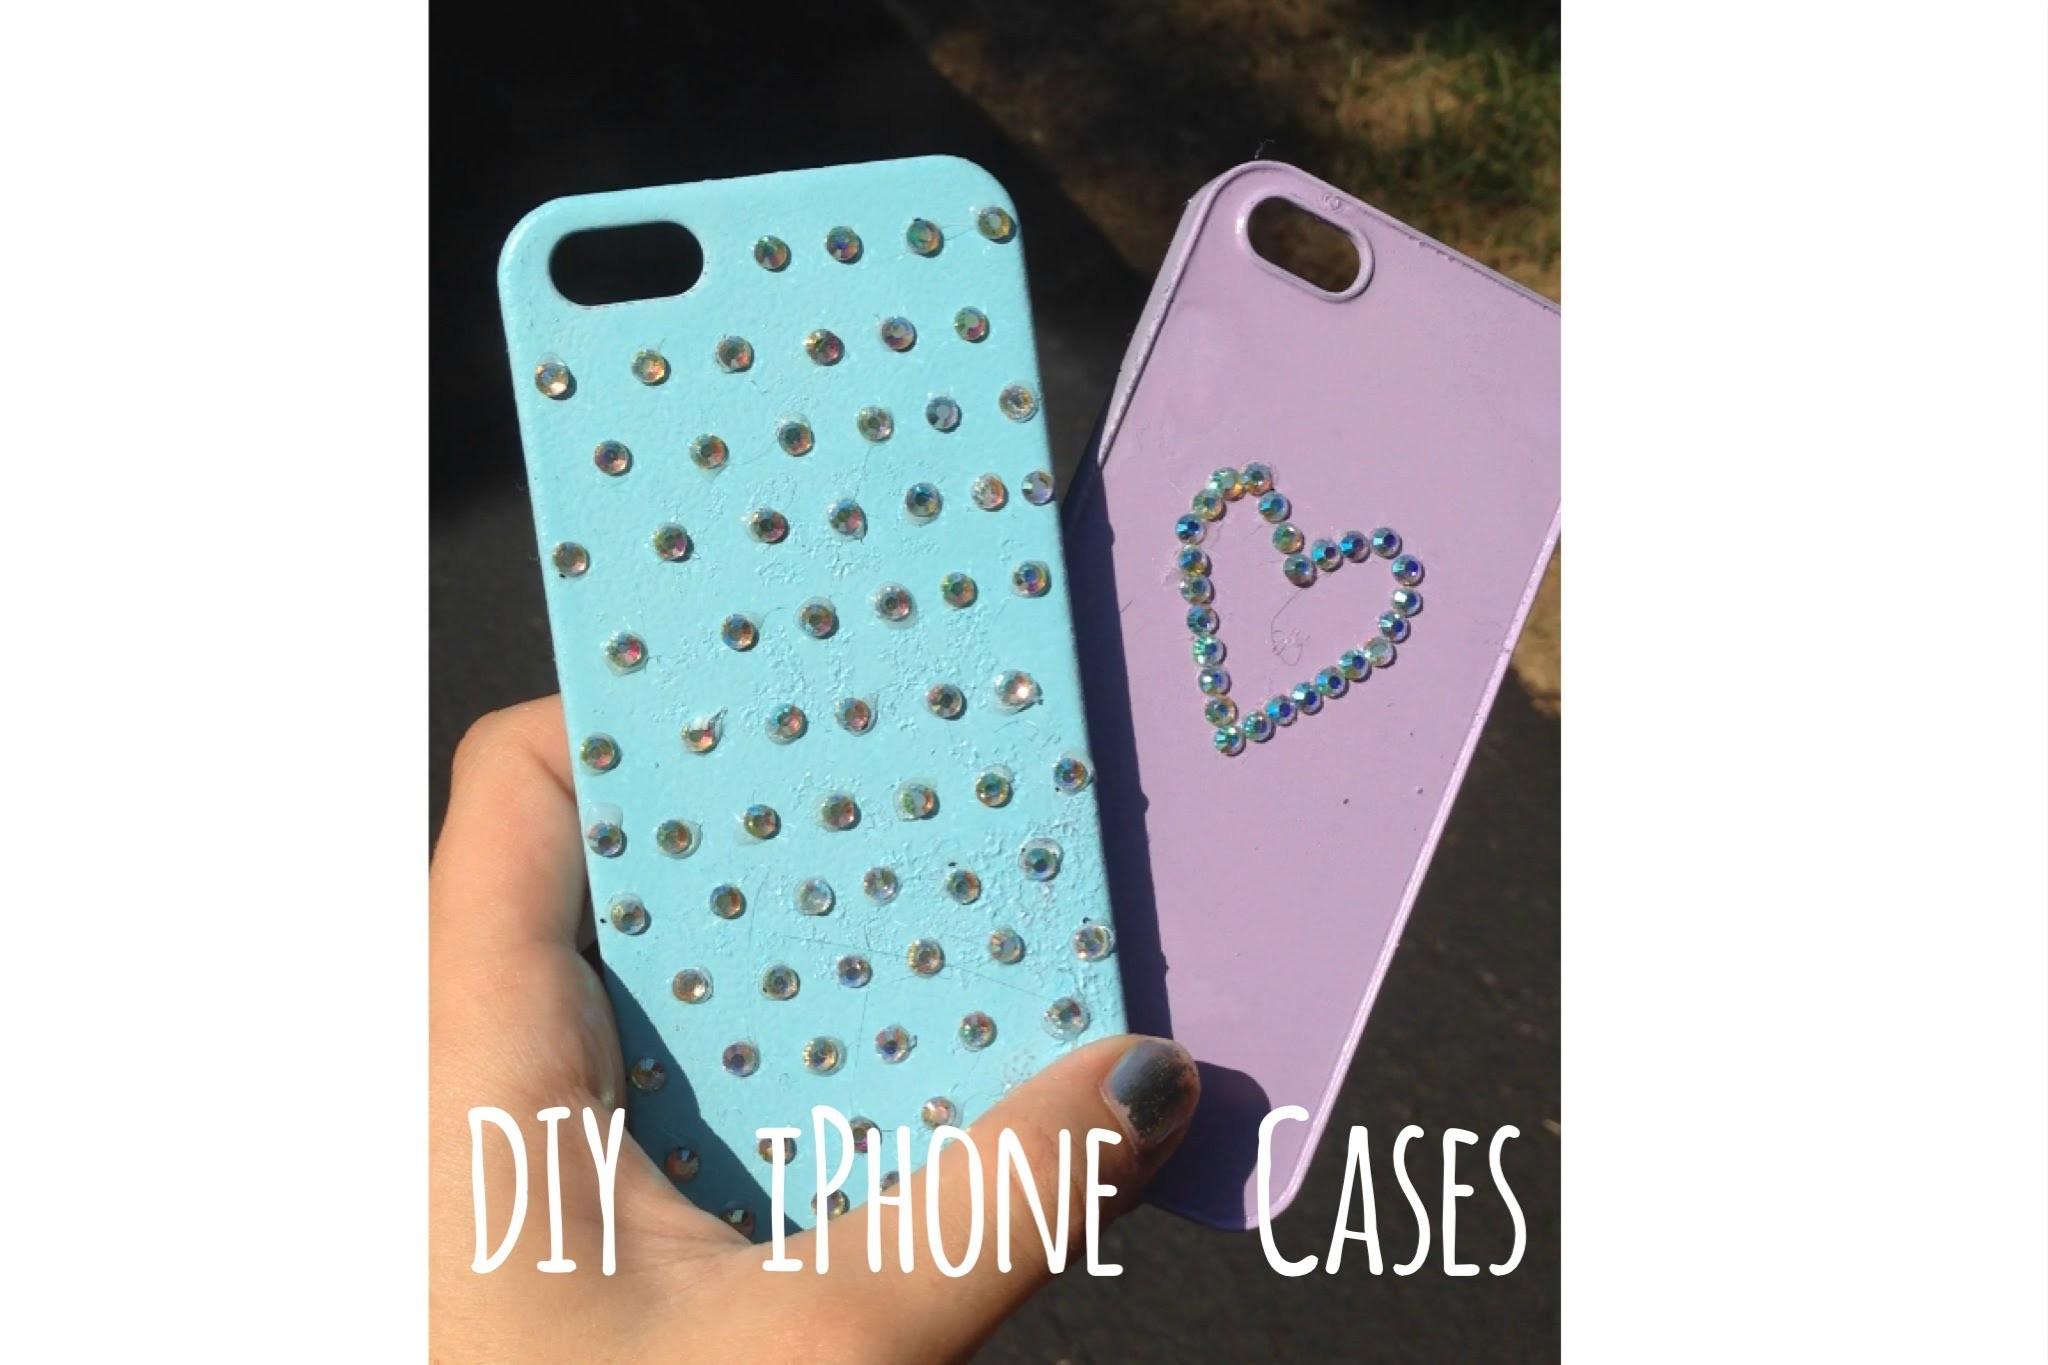 DIY iPhone Cases